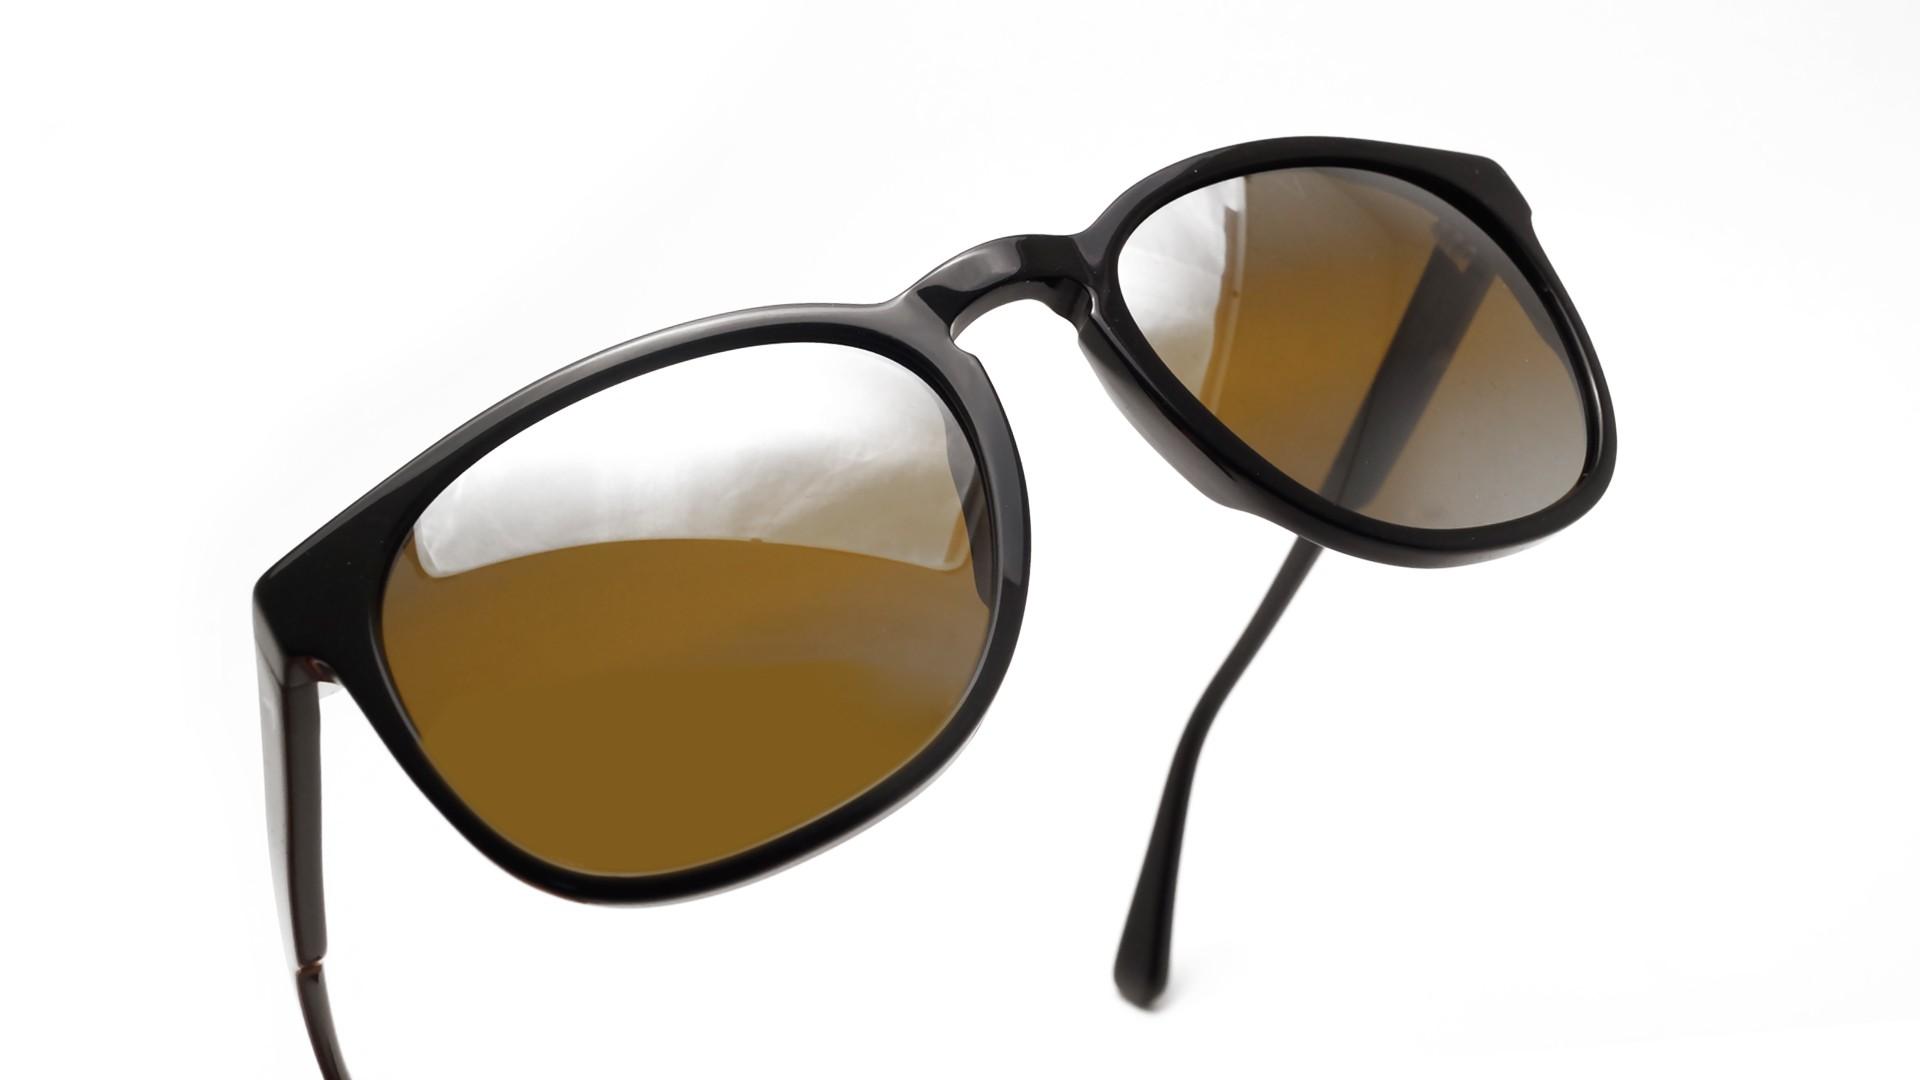 15 Dégradés Miroirs Noir Vuarnet 0001 53 Ronde Medium Vl1622 District Skilynx QBEdrxoCeW